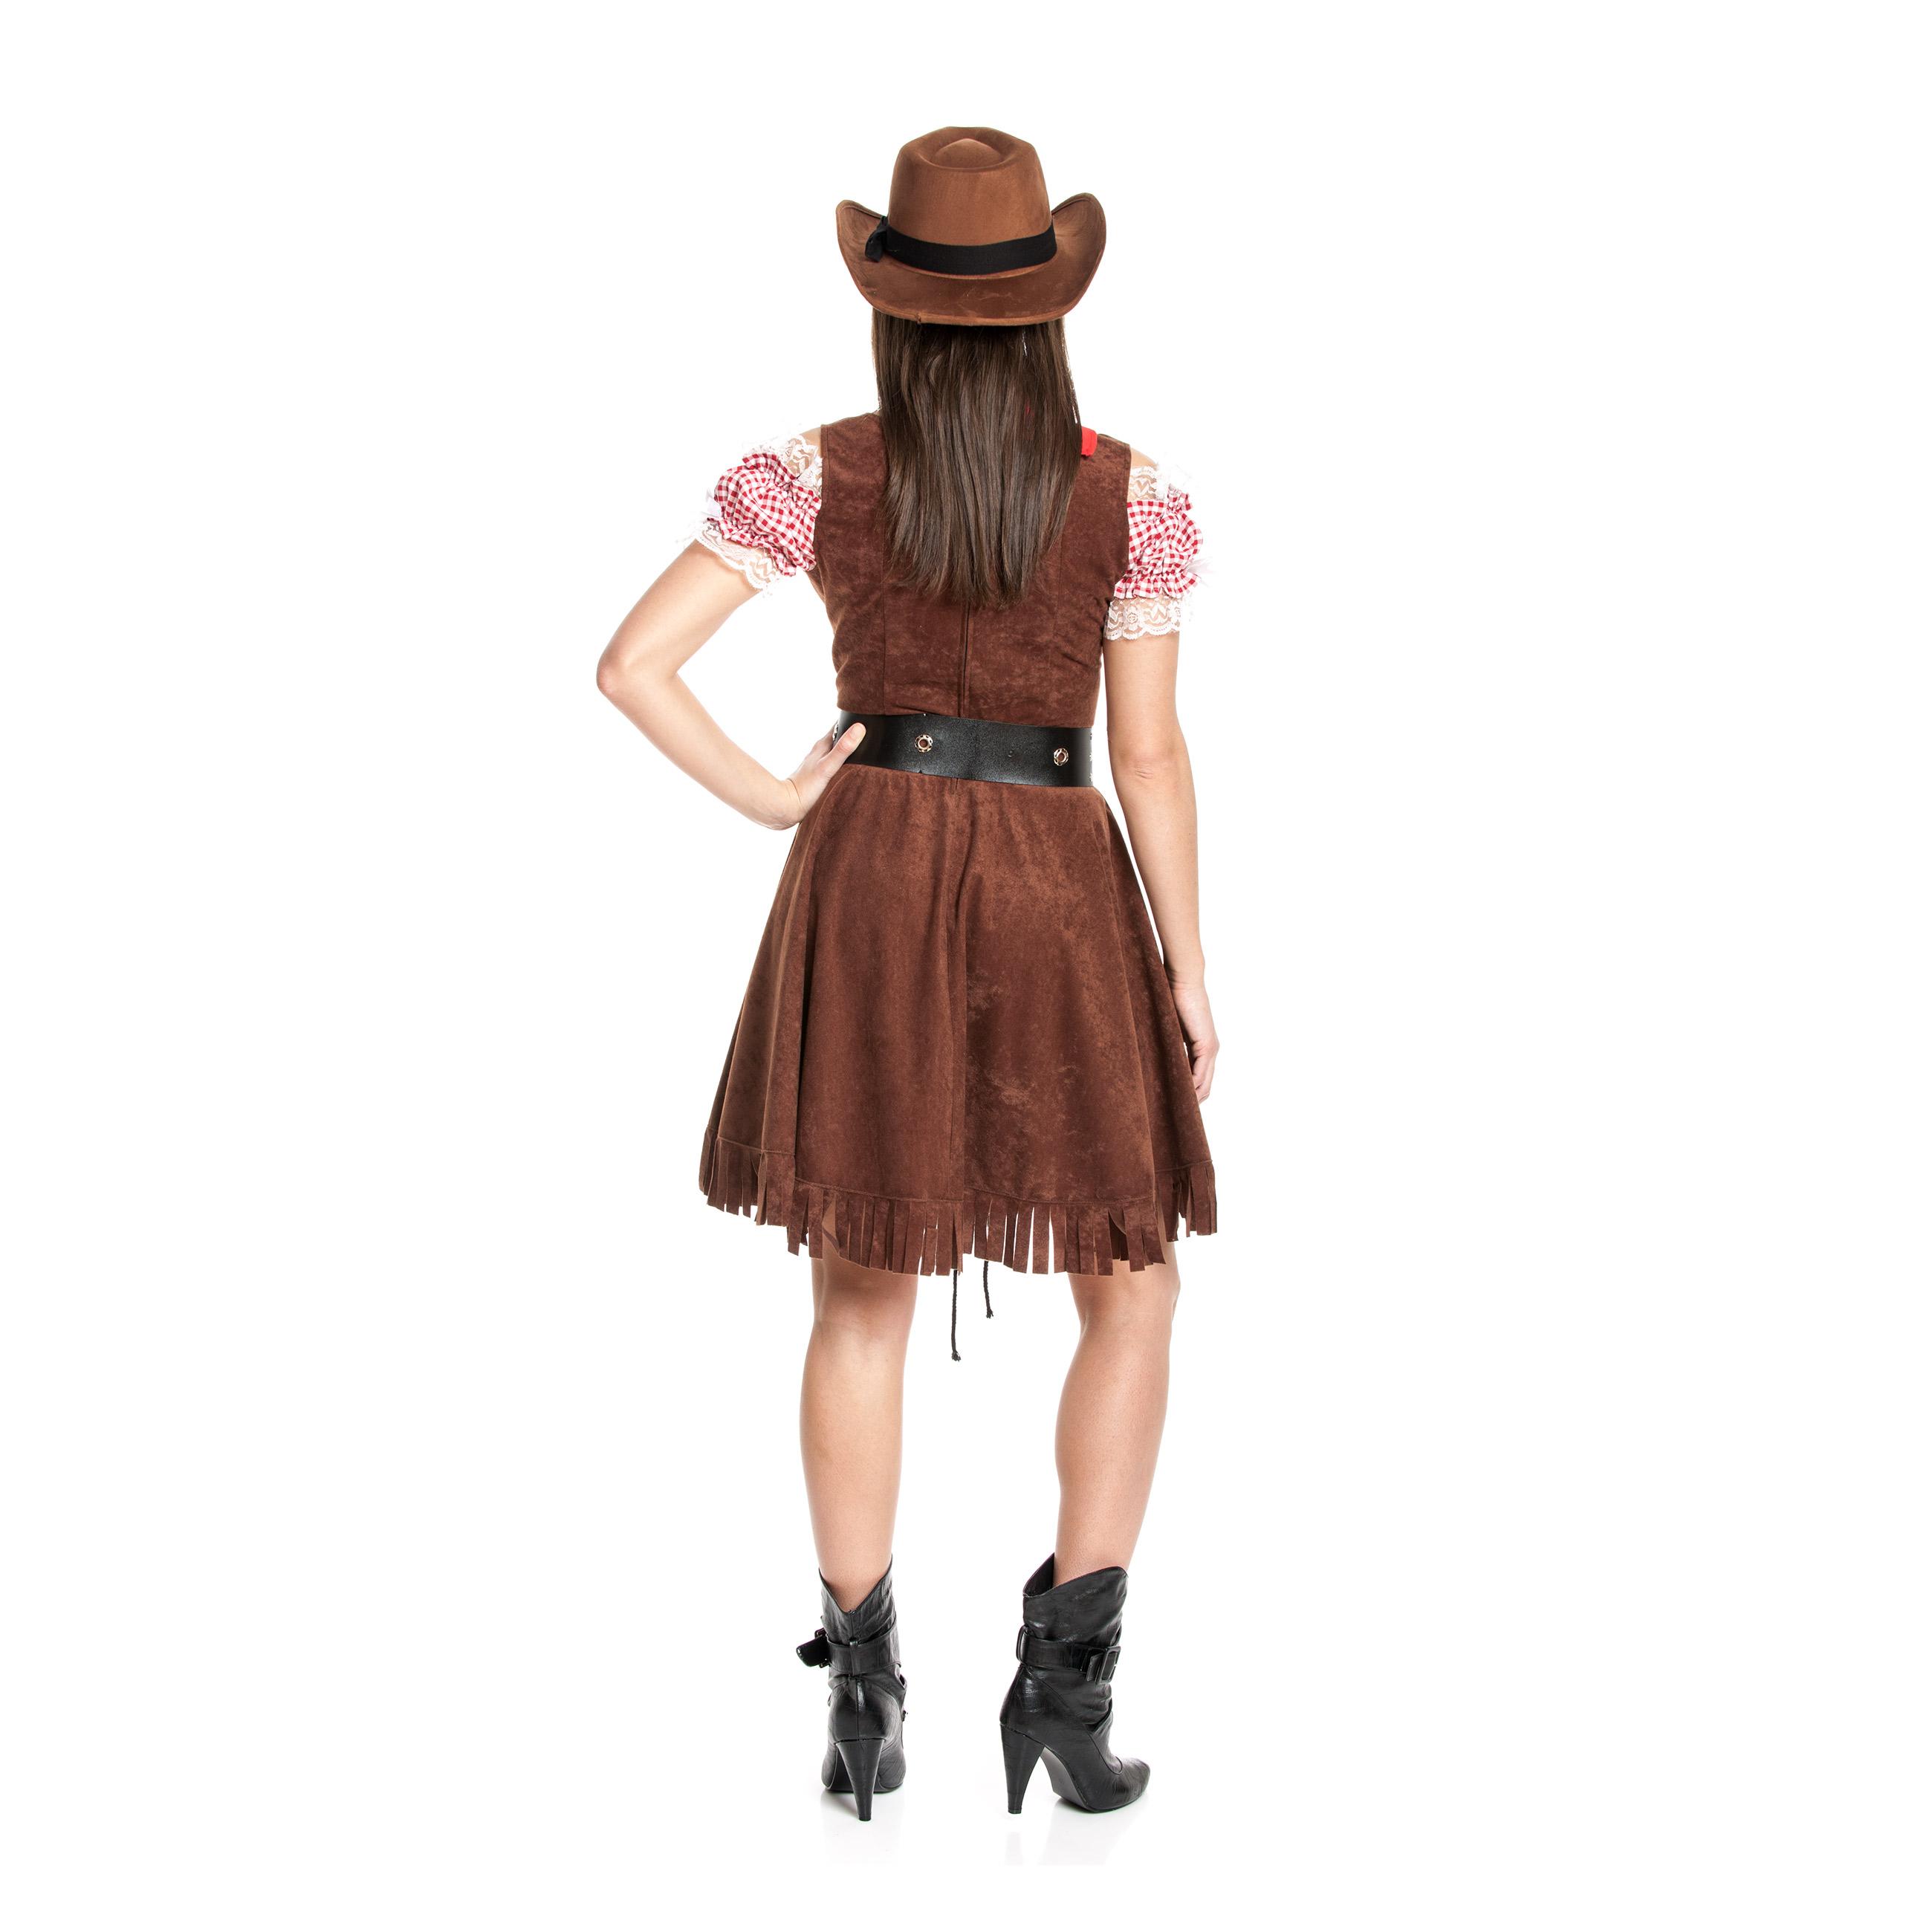 cowgirl kost m damen sexy cowboy komplett mit halstuch kost mplanet. Black Bedroom Furniture Sets. Home Design Ideas